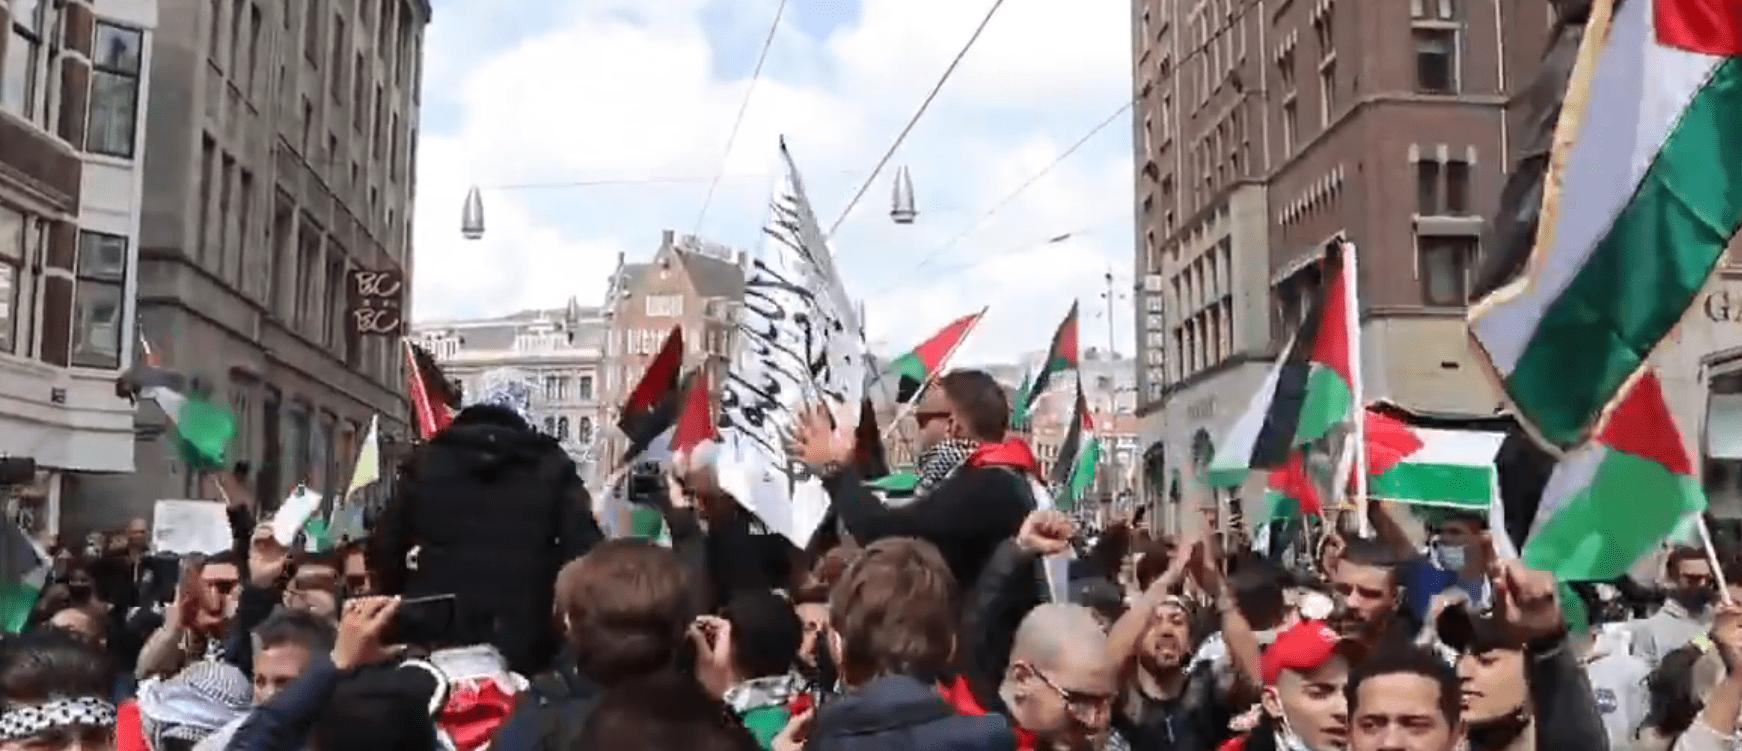 extremistische uitingen demo